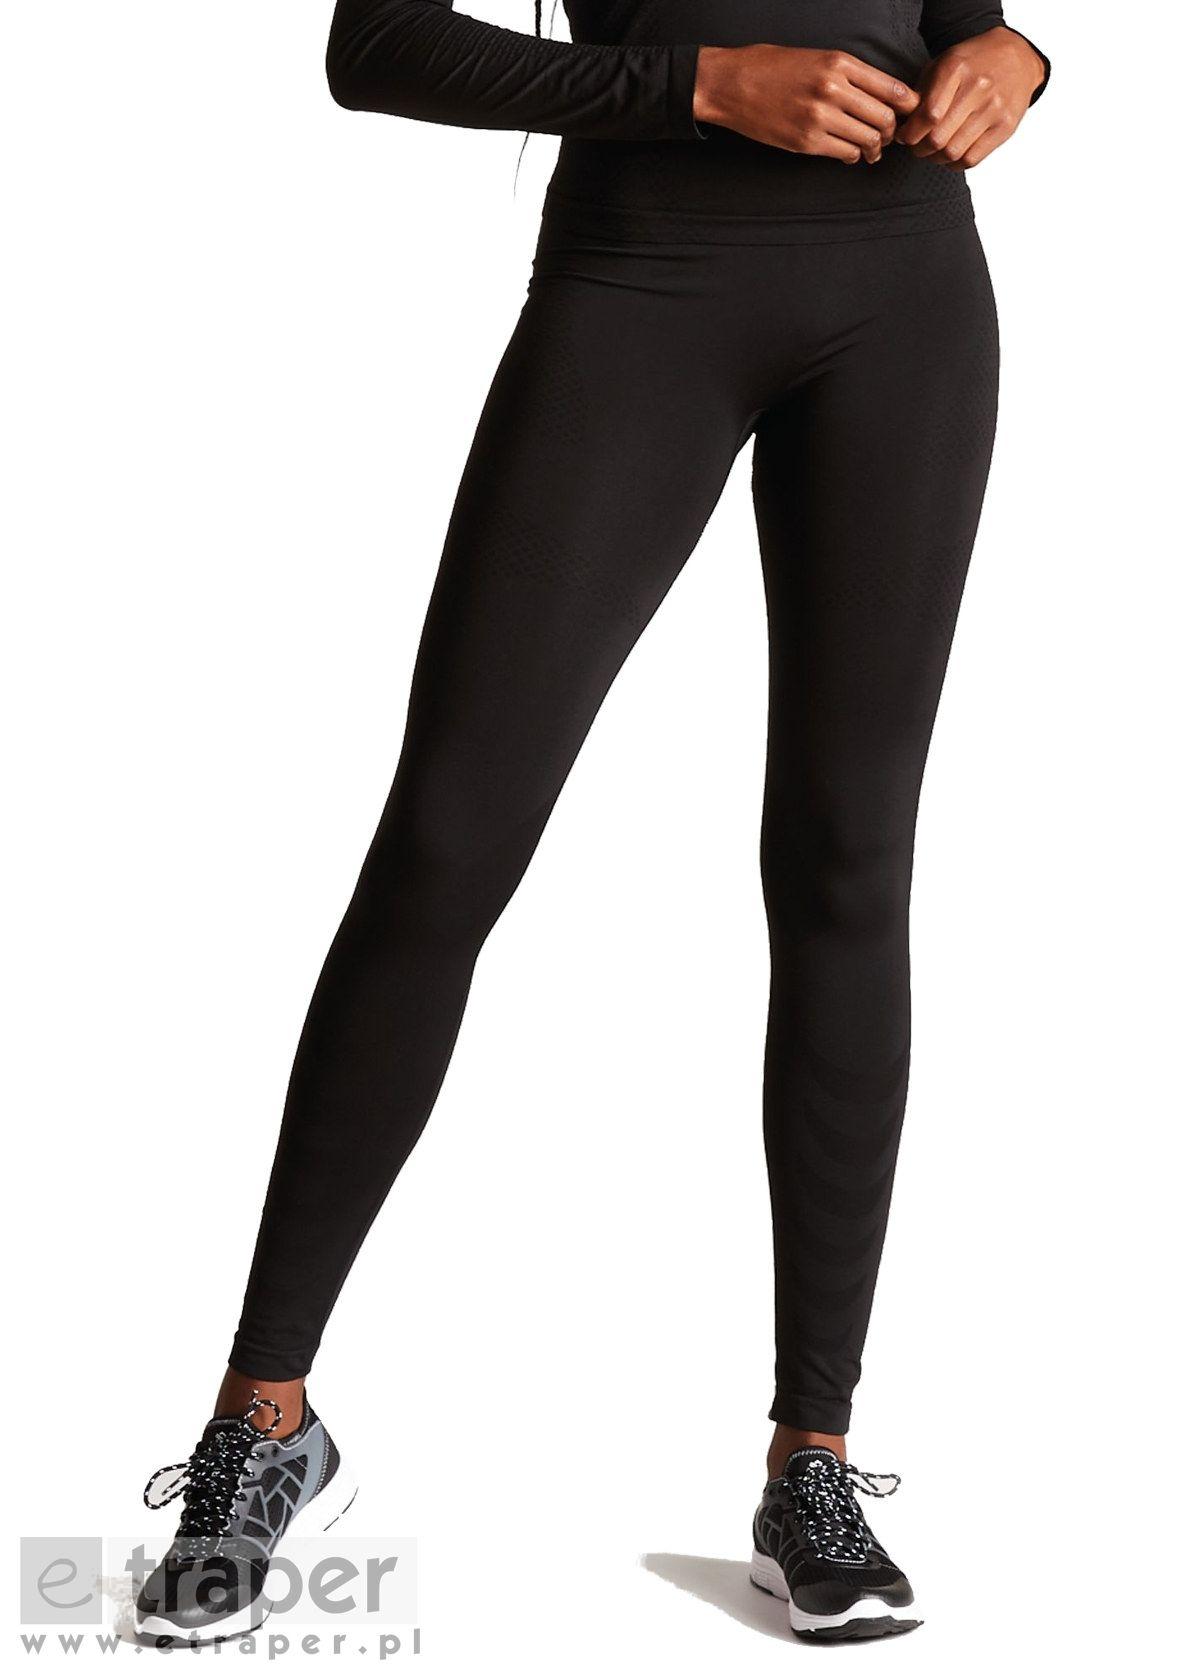 24d3390407eed4 Termoaktywne legginsy damskie Dare 2b Zonal III Czarne | Spodnie ...